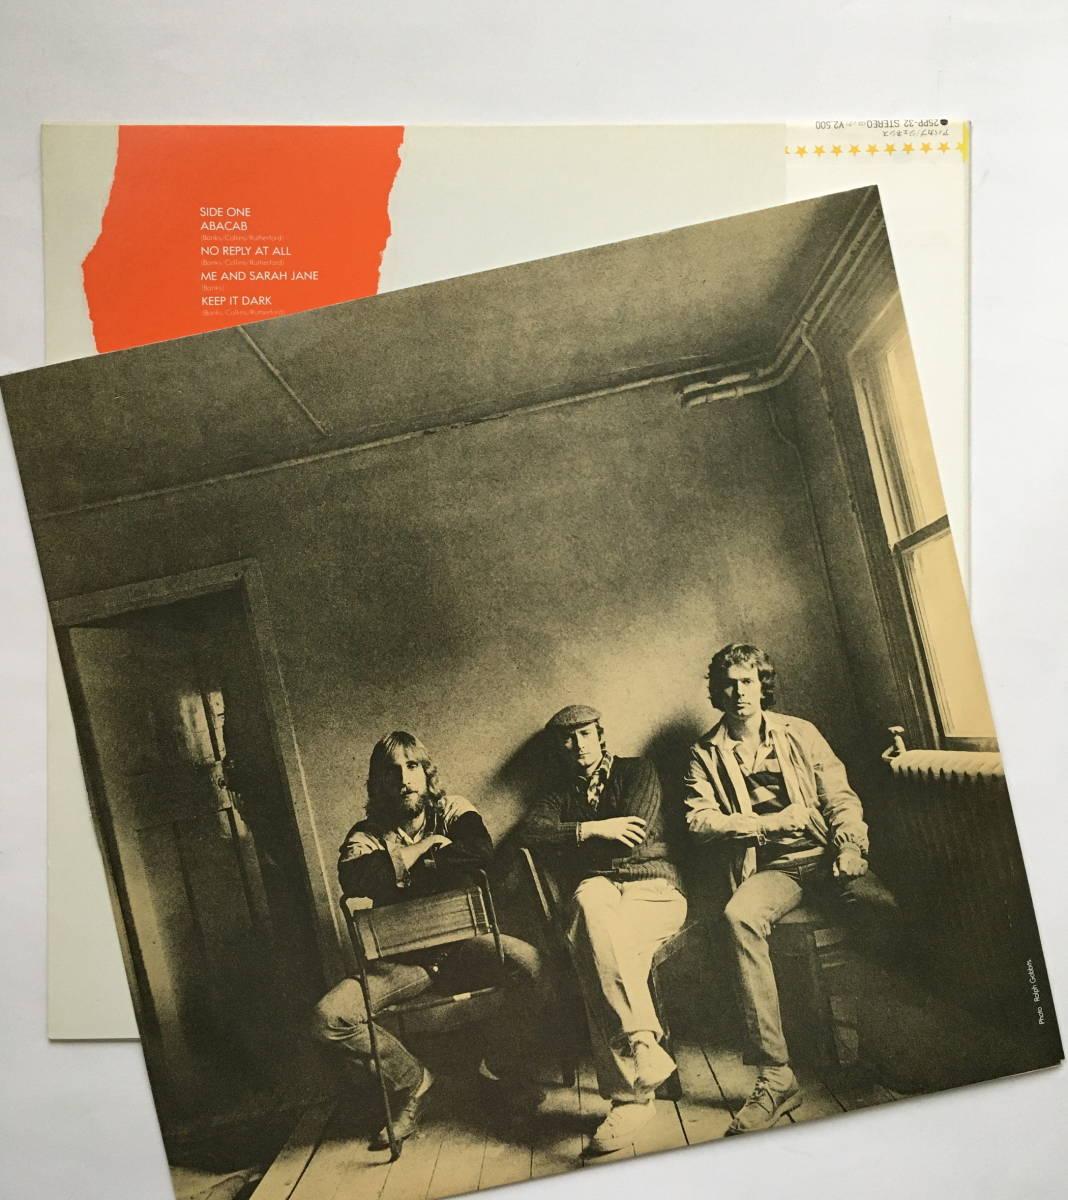 ジェネシス Genesis アルバム3枚「そして3人が残った And Then There Were Three」「デューク Duke」「アバカブ Abacab フィル・コリンズ_画像9